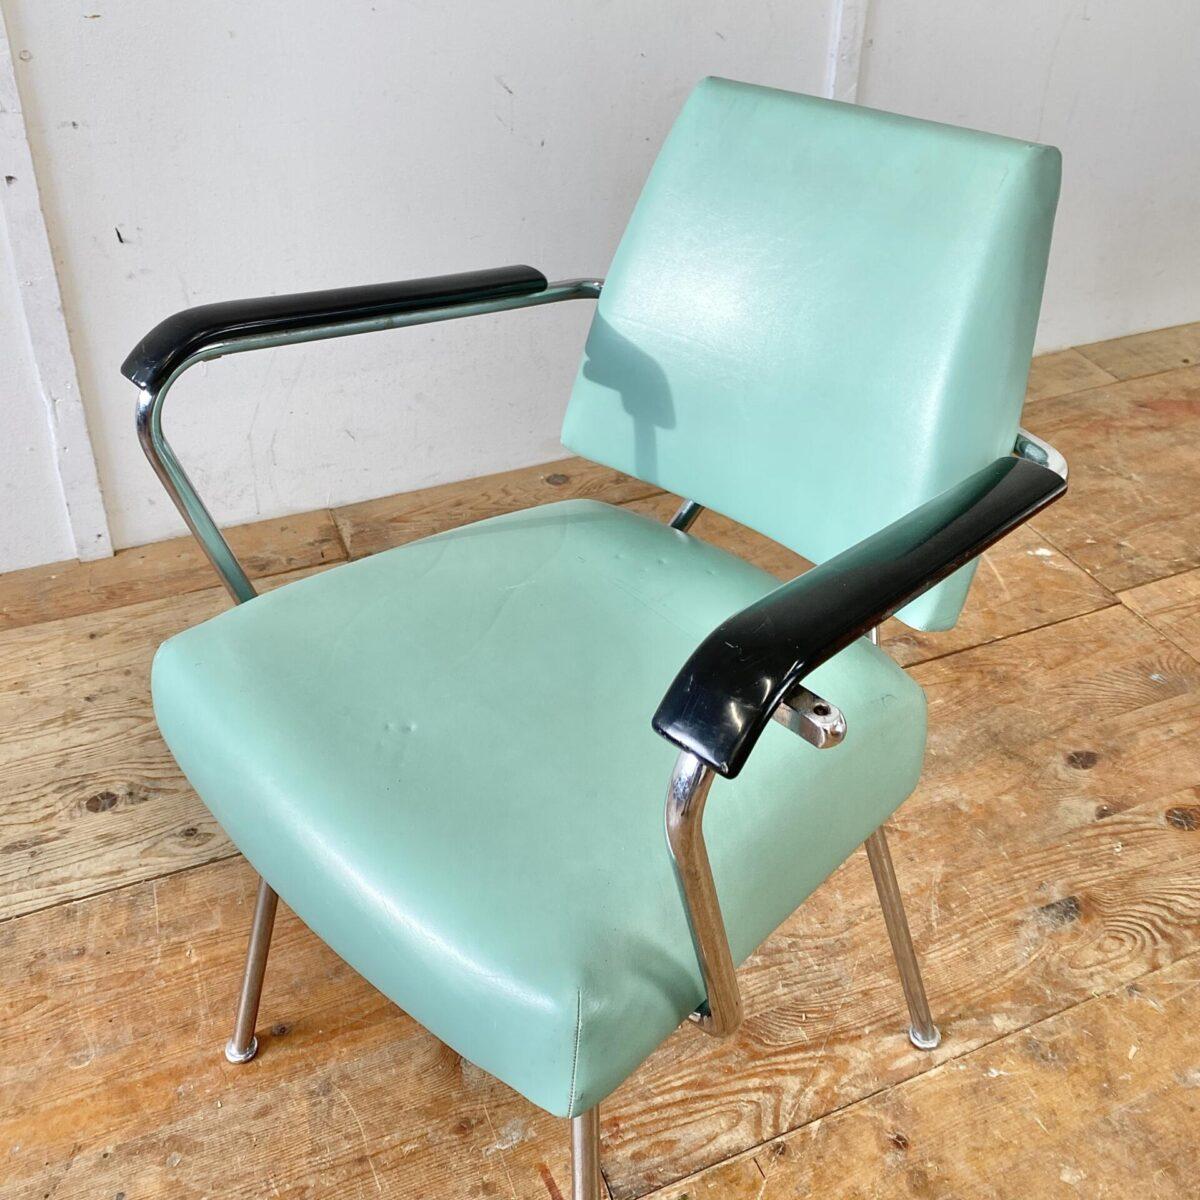 Alter Coiffeur Stuhl mit Armlehnen. Metall Gestell verchromt, Sitzfläche und Lehne aus Leder. Die Armlehnen sind aus schwarzem Kunststoff. Der Armlehnstuhl hat eine normale Esszimmer Sitzhöhe. Eignet sich von der Optik aber auch als Sessel im Wohnzimmer. Gebrauchter Vintage Zustand gemäss Bildern, keine Defekte wie Löcher oder Risse.